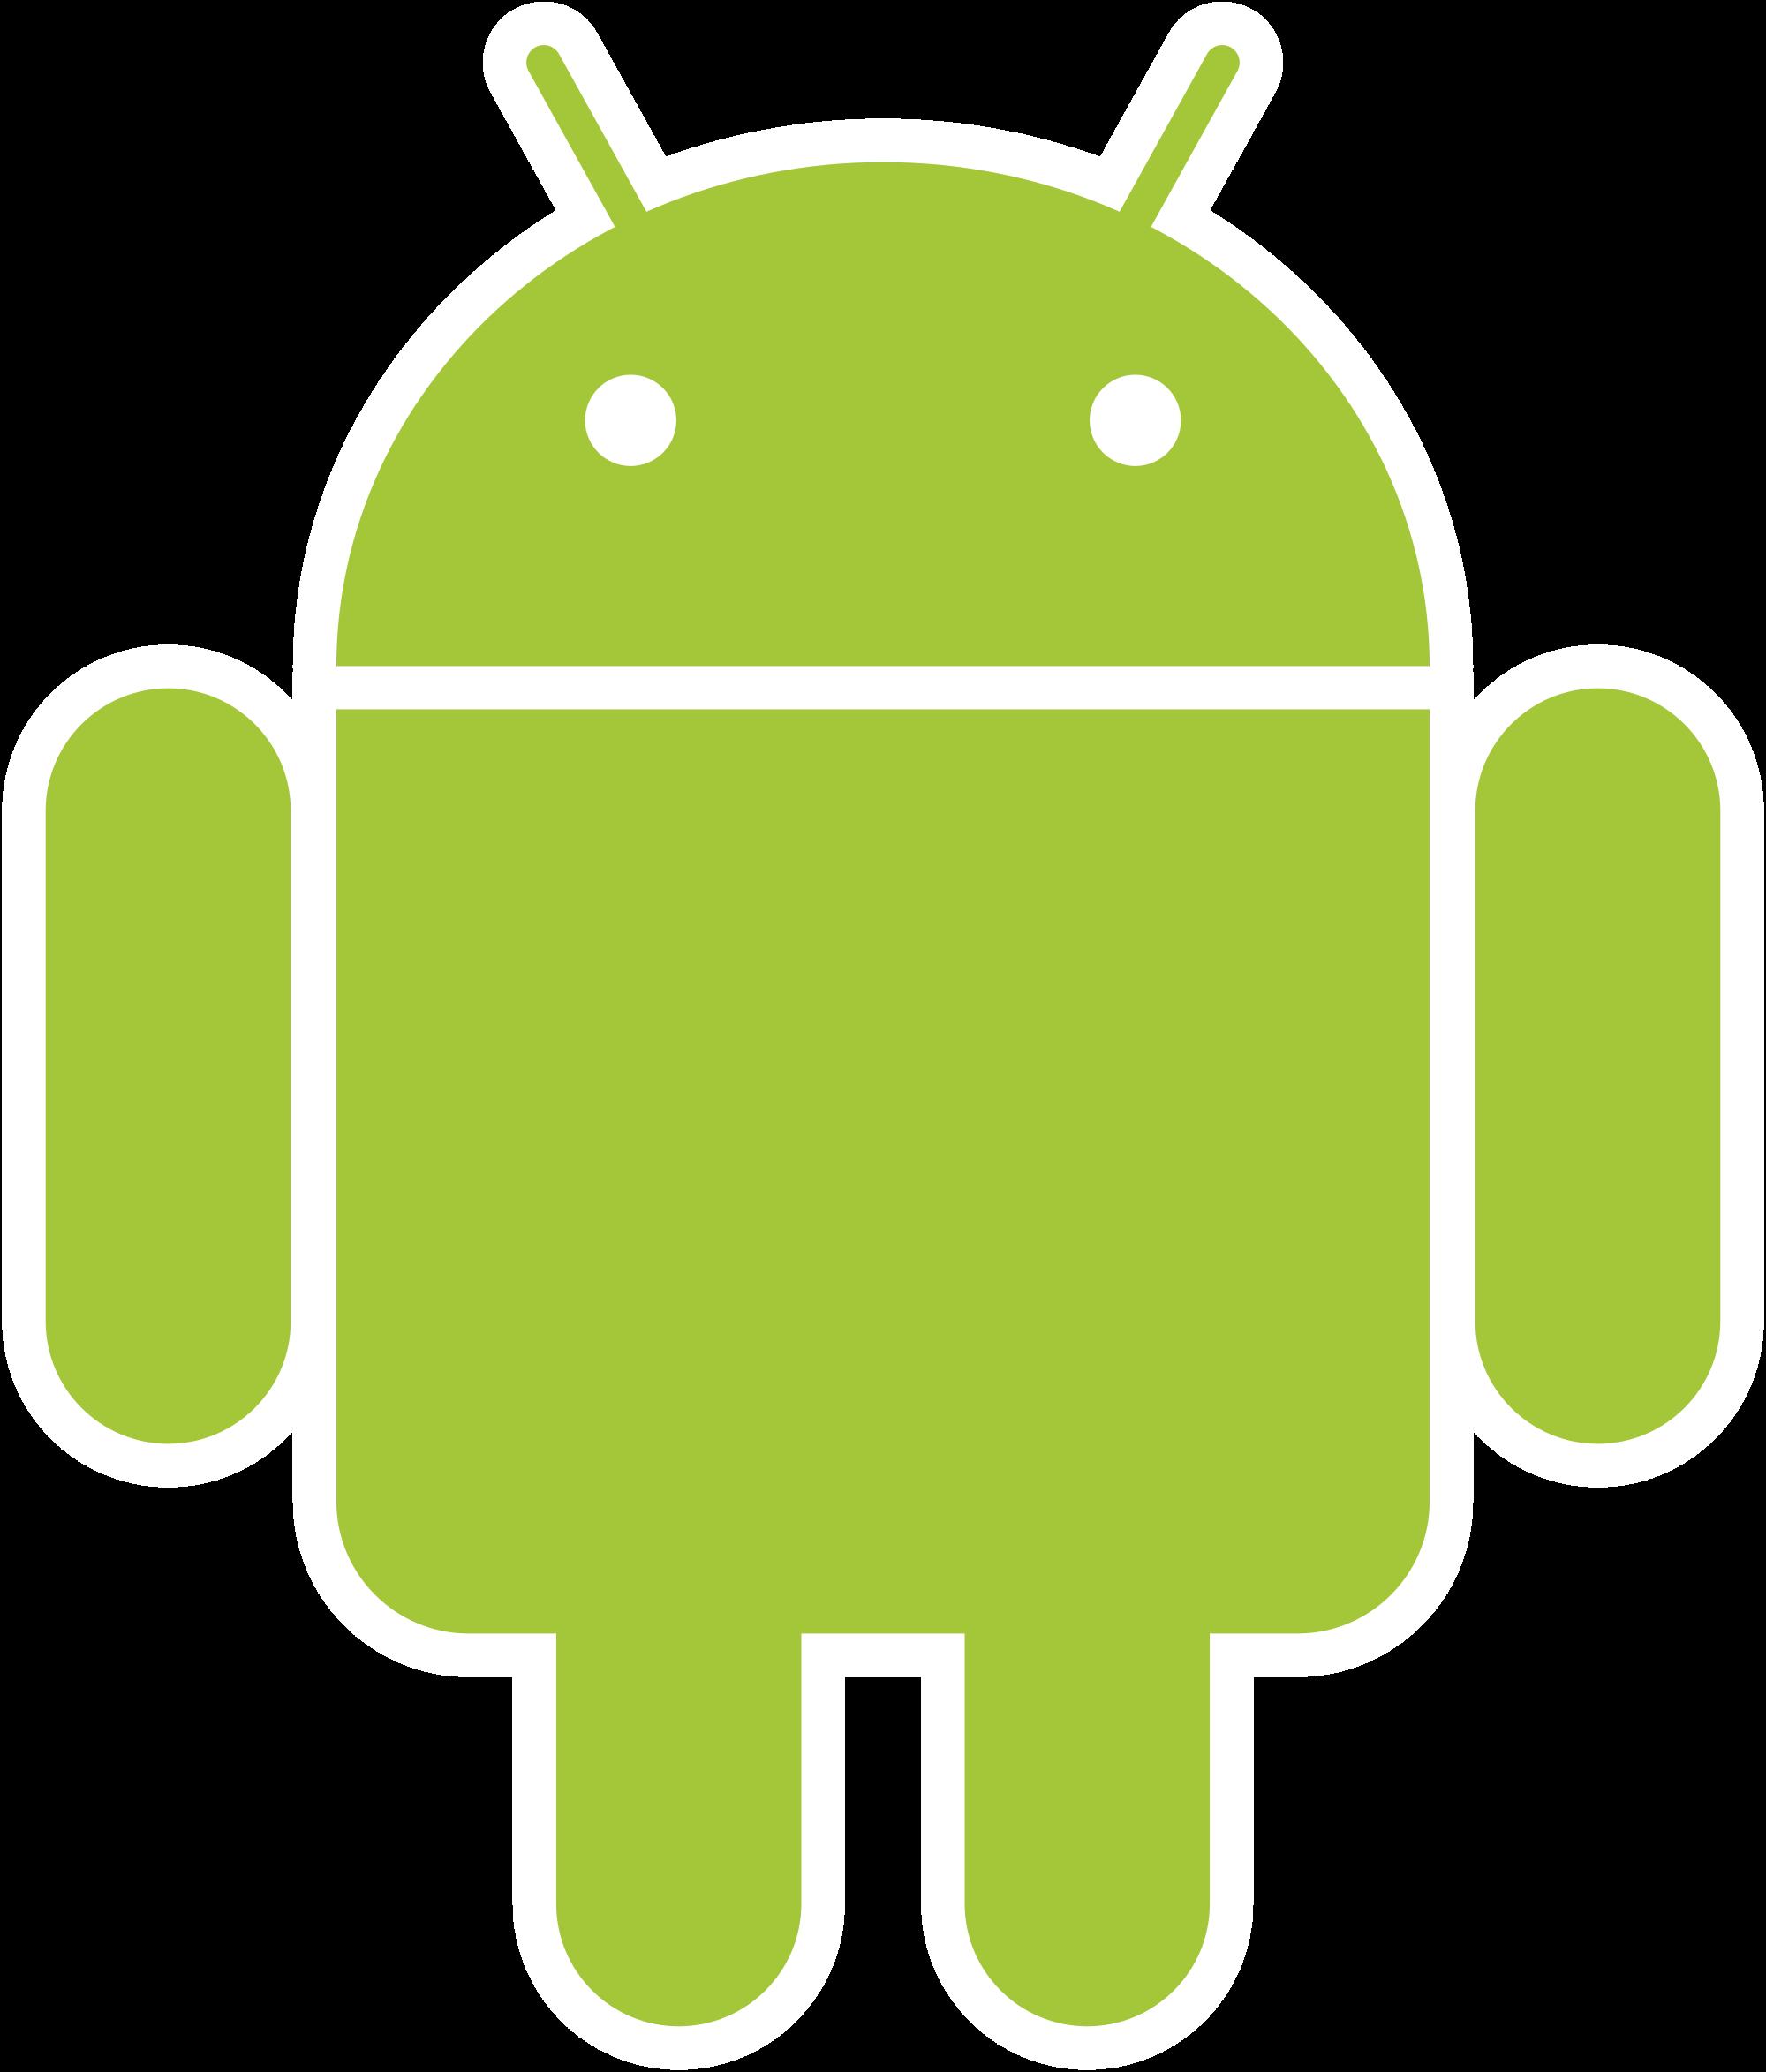 programare java pentru android